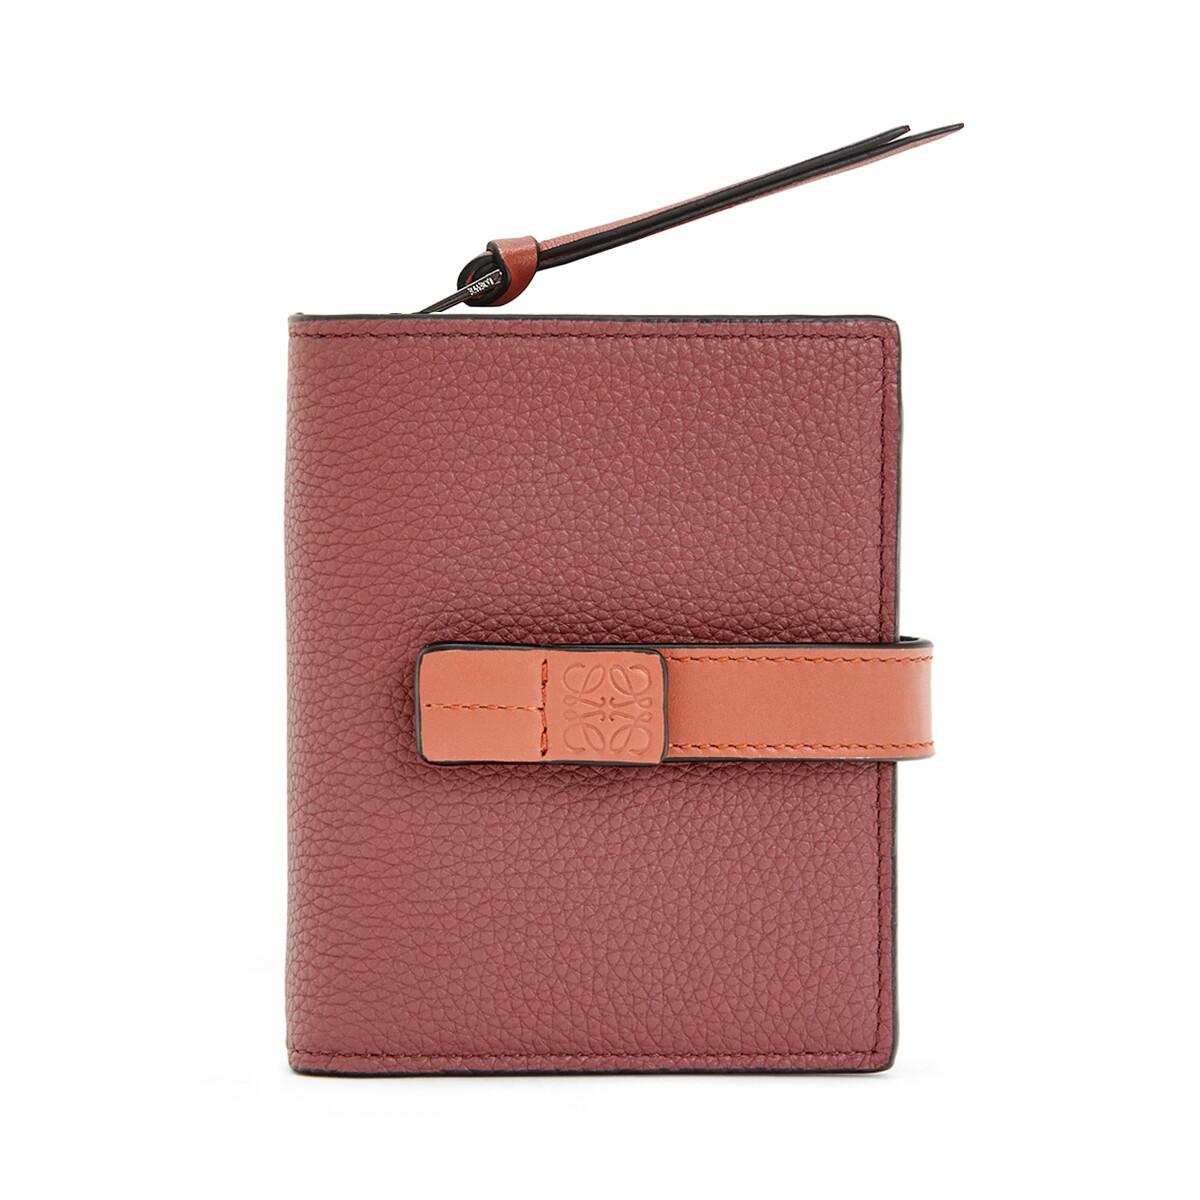 「LOEWE(ロエベ)」の定番レディース二つ折り財布